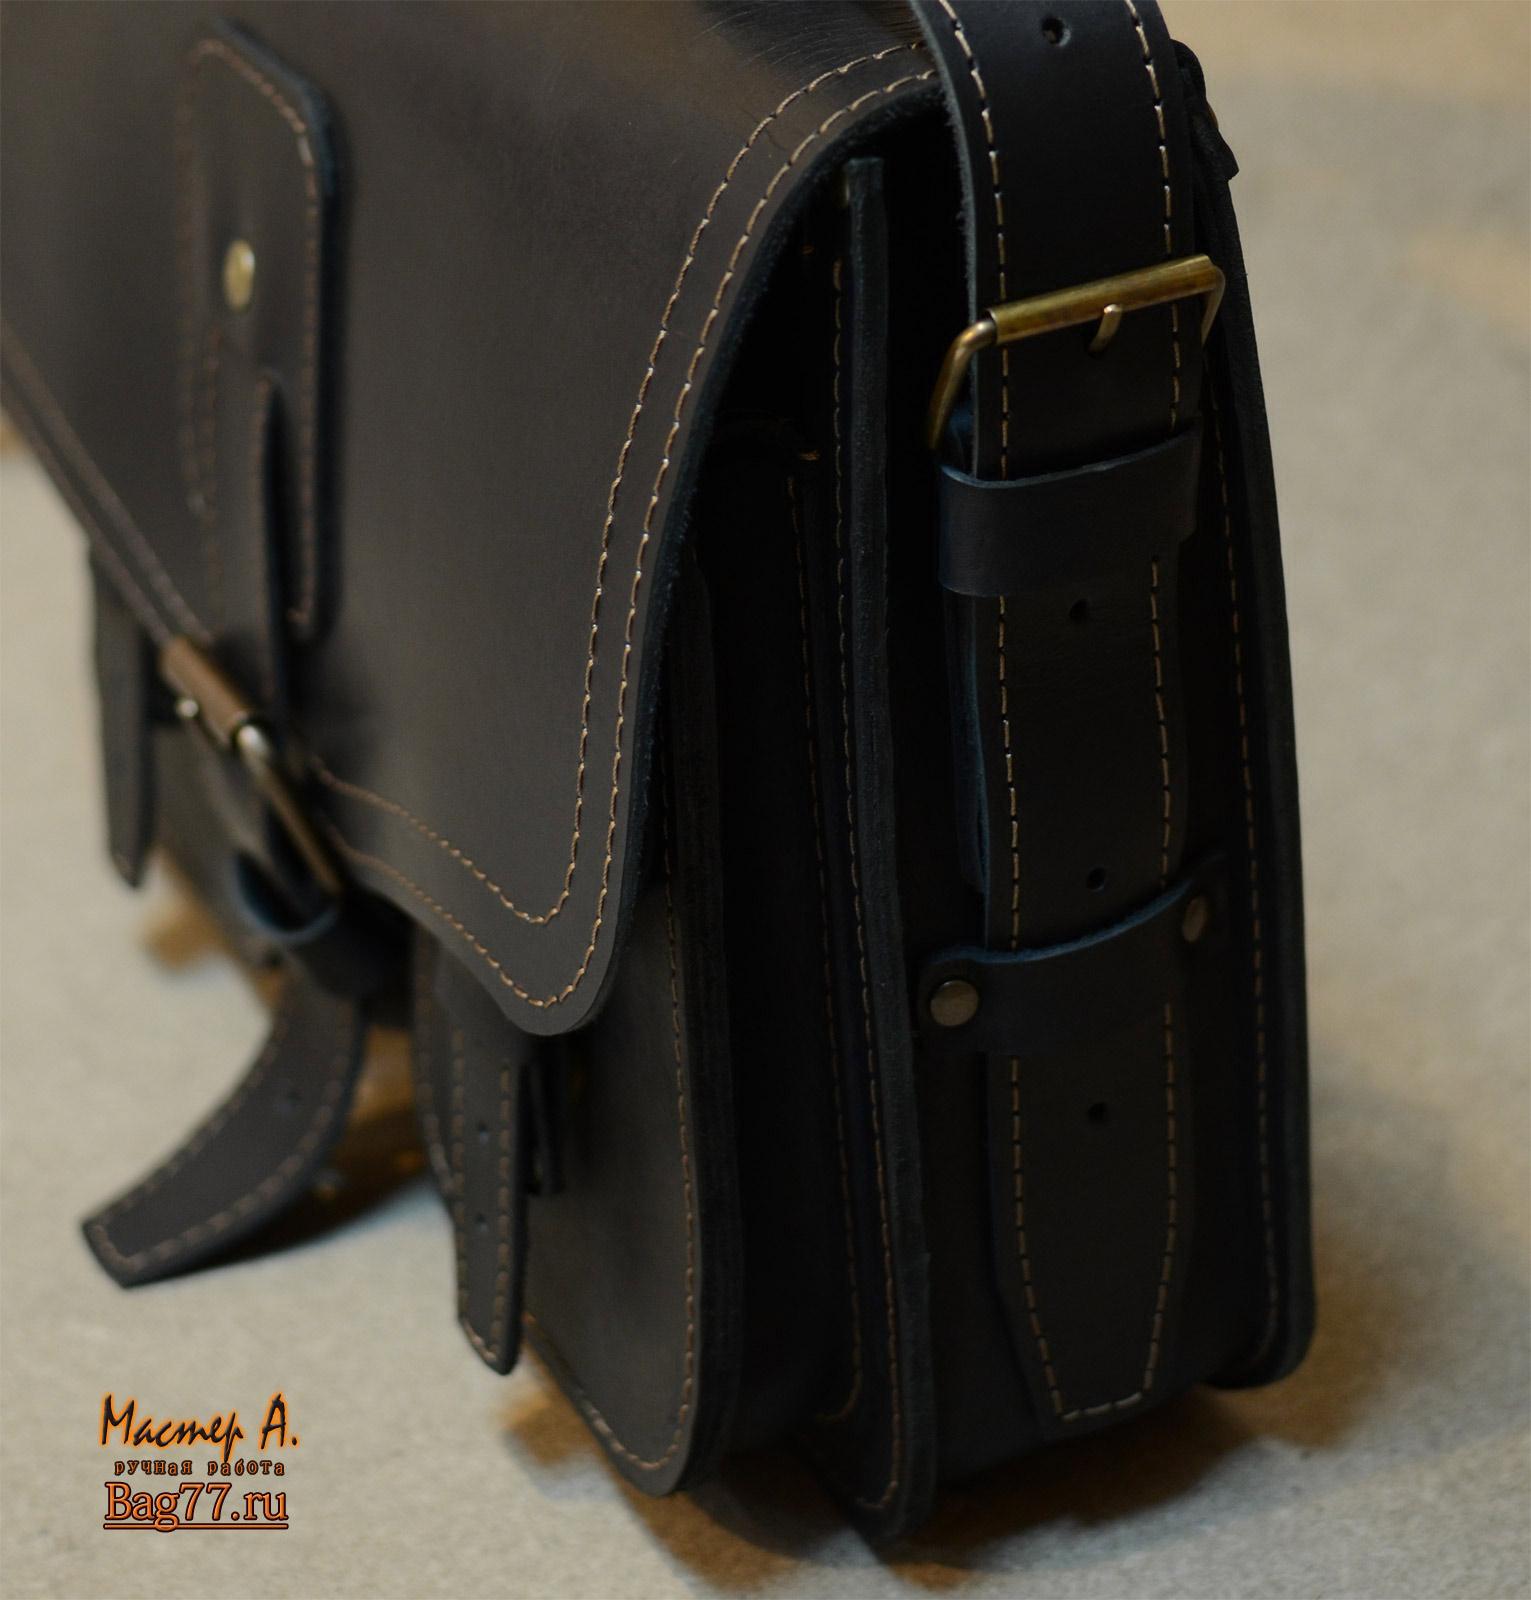 b049e4dde2ac Стильный мужской черный портфель ручной работы « Bag77.ru — кожаные ...